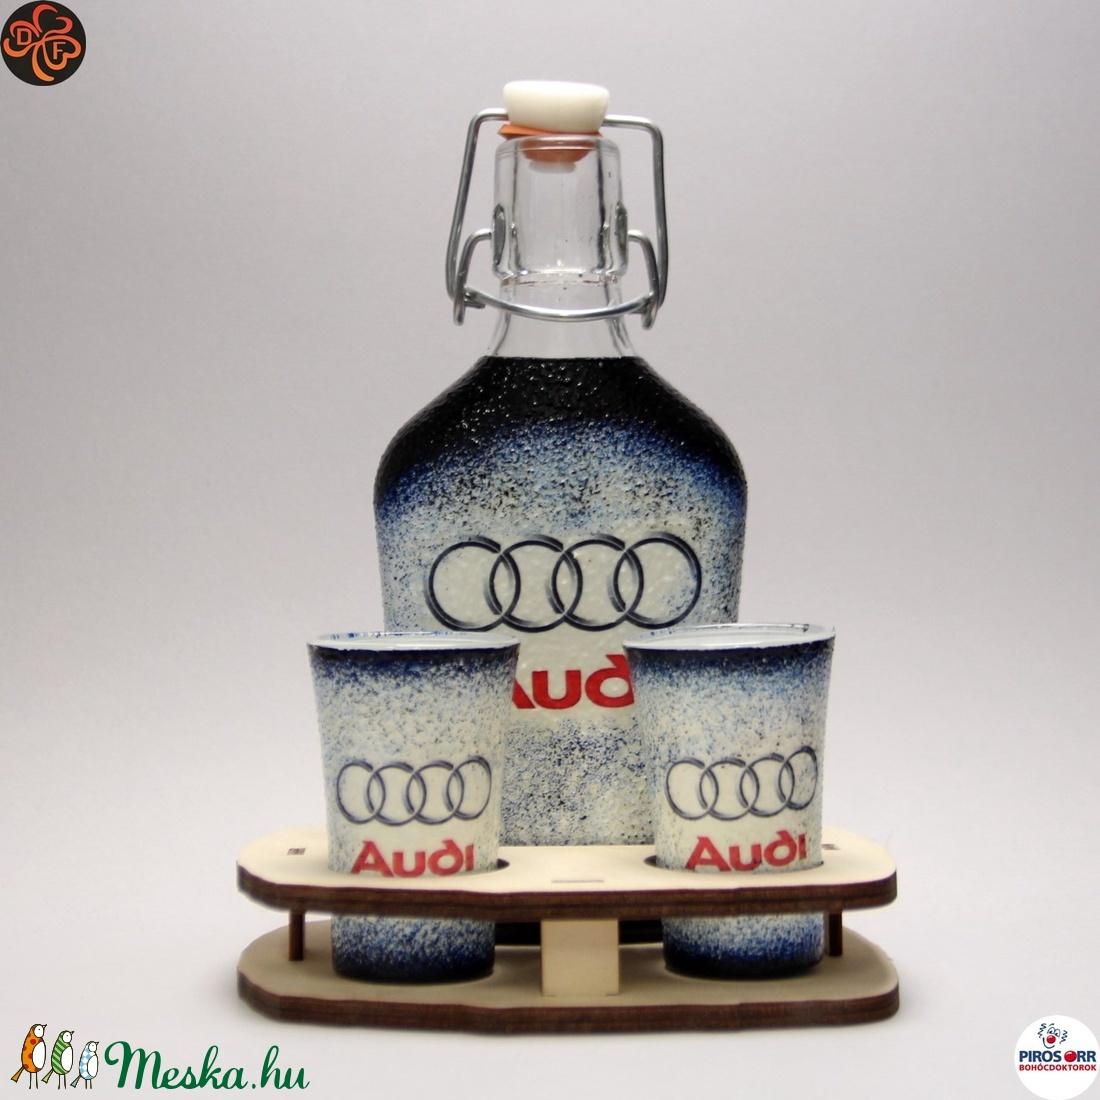 Audi ital készlet ; Audi rajongó férfiaknak (decorfantasy) - Meska.hu